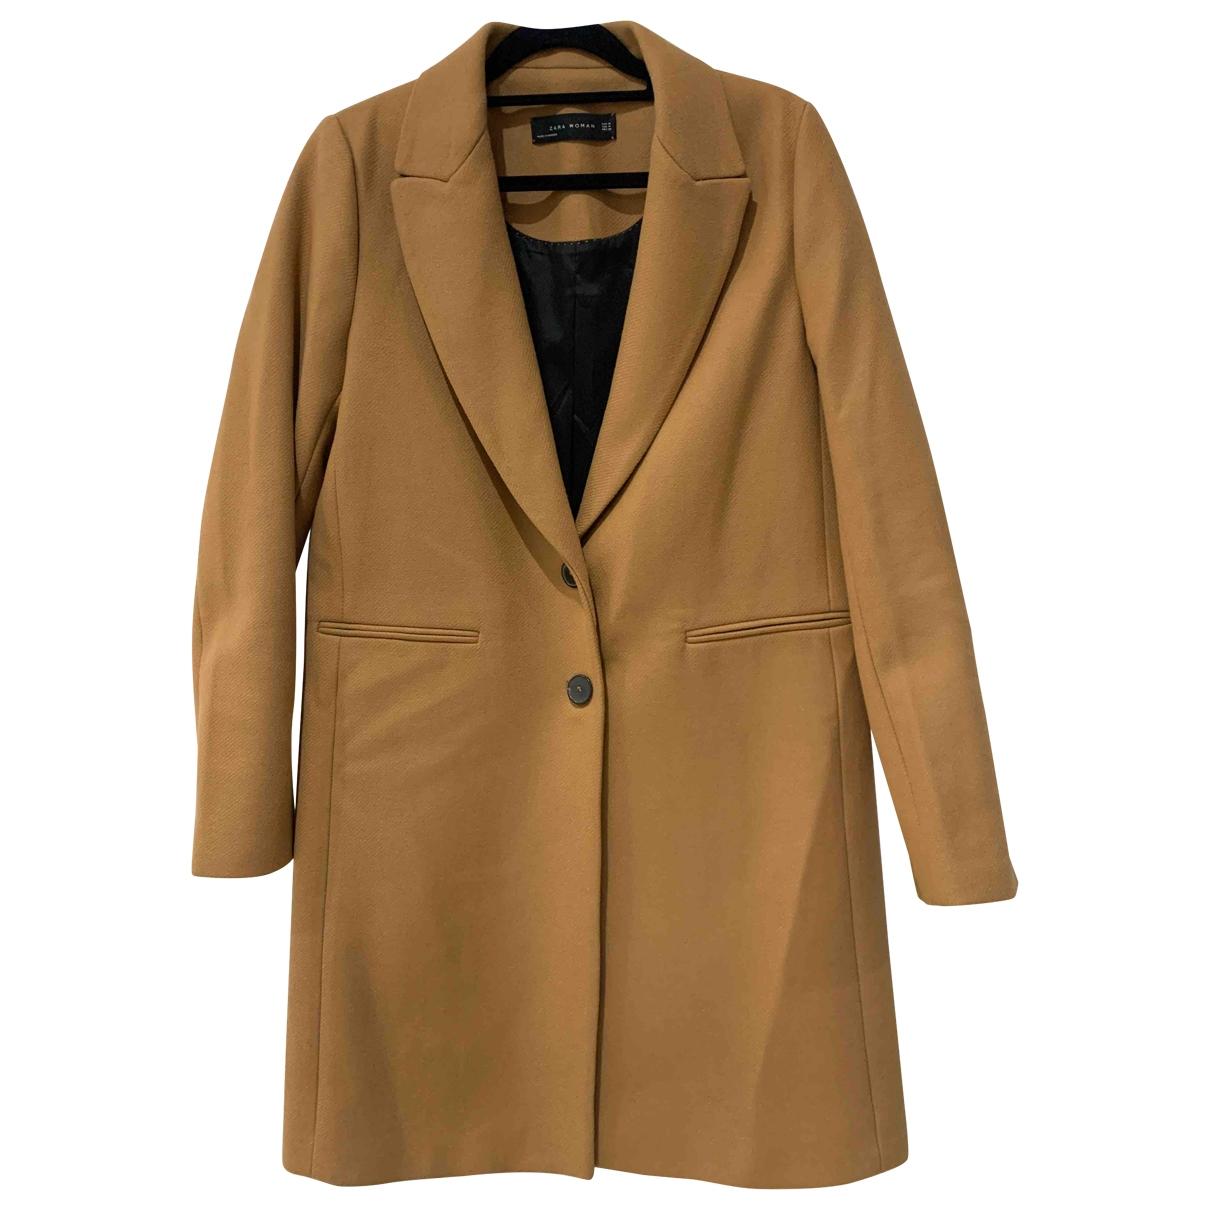 Zara \N Camel Wool coat for Women M International